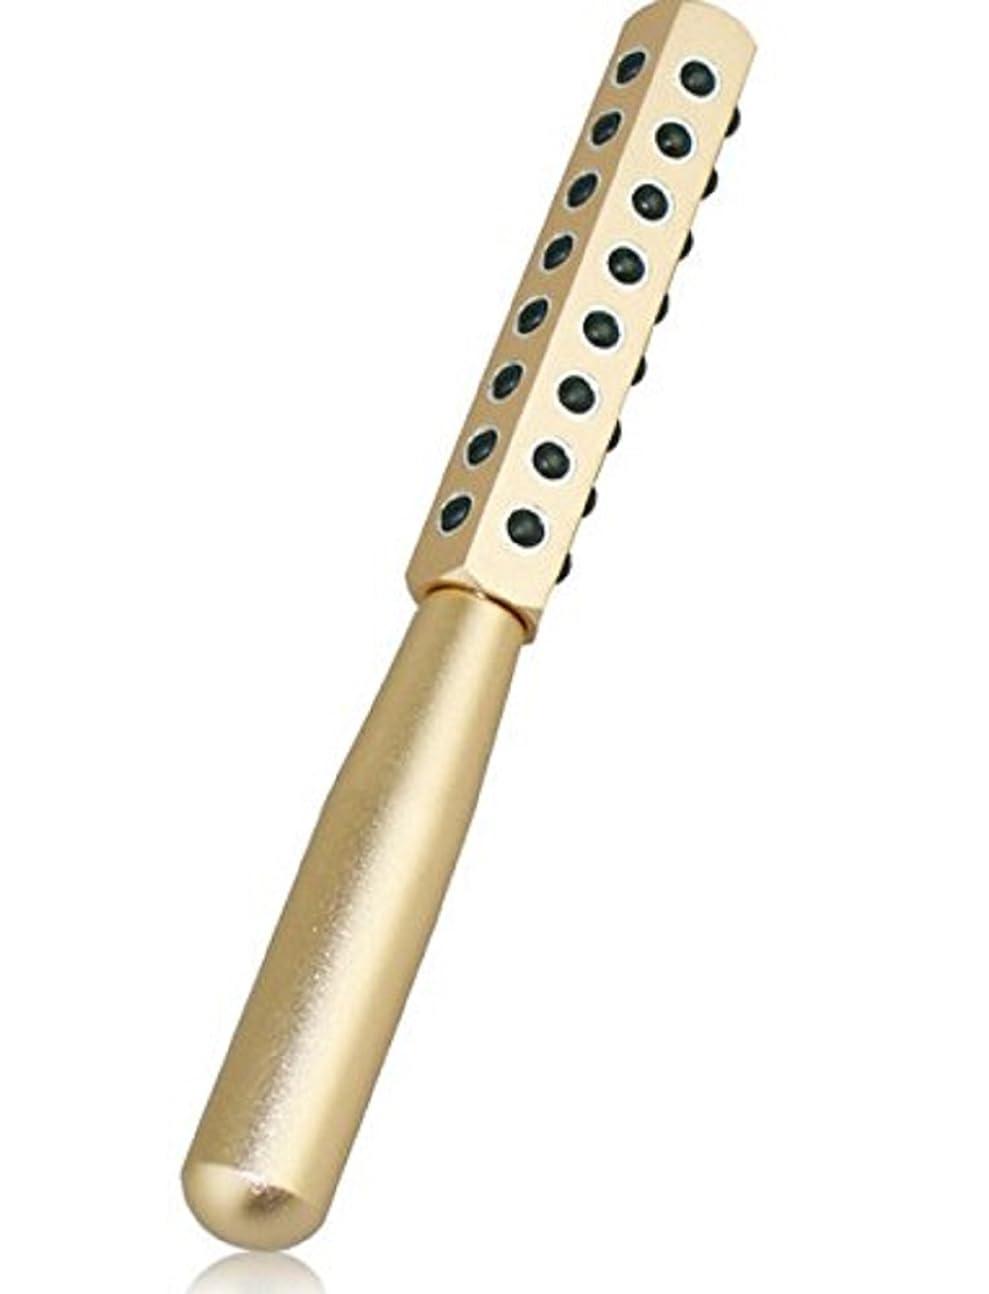 ひらめき横スキムCREPUSCOLO ゲルマローラー 美顔器 美肌 ハリ ツヤ ほうれい線 純度99% ゲルマニウム粒子40粒/額 ほほ 目じり あご~首すじ デコルテ 二の腕 手の甲 気になるところをコロコロ ゴールド シルバー (ゴールド)